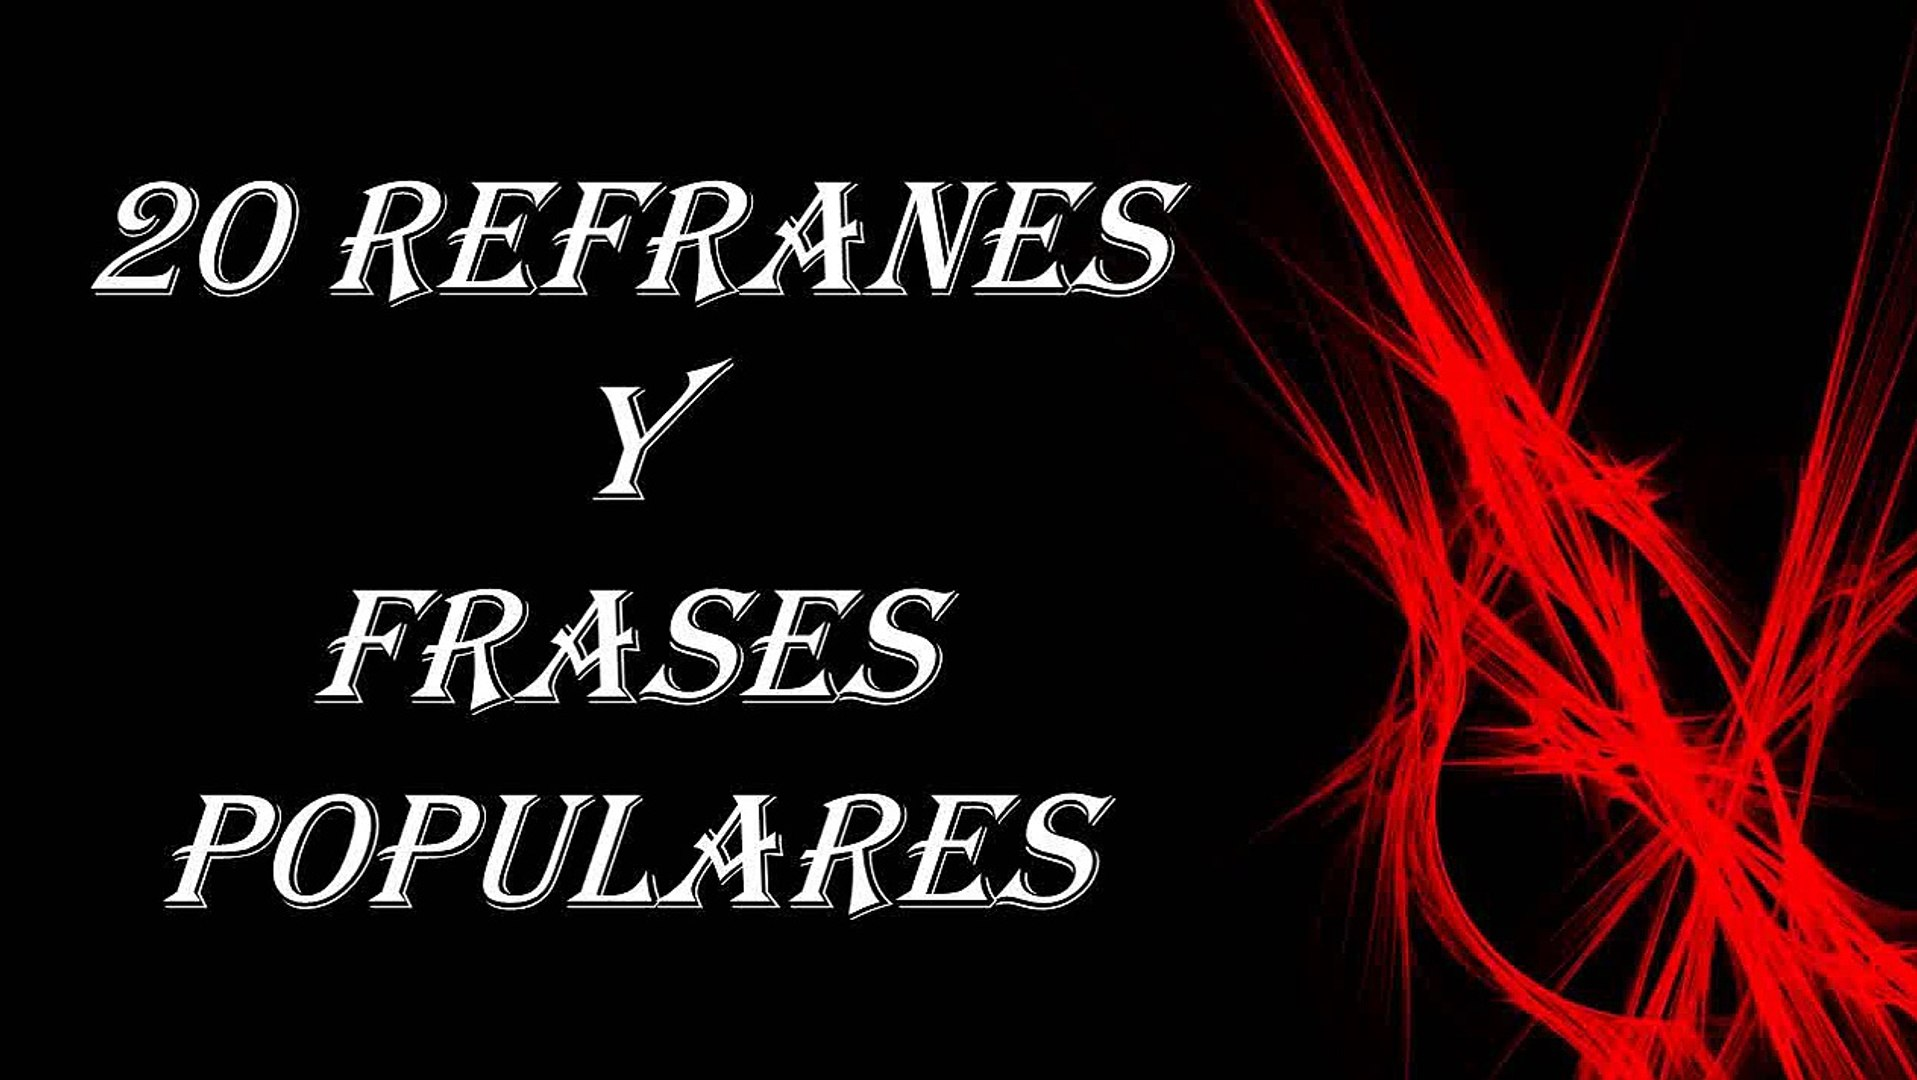 Refranes Y Su Significado Las Frases Celebres Mas Populares Peliculas Bonitas De Amor Español